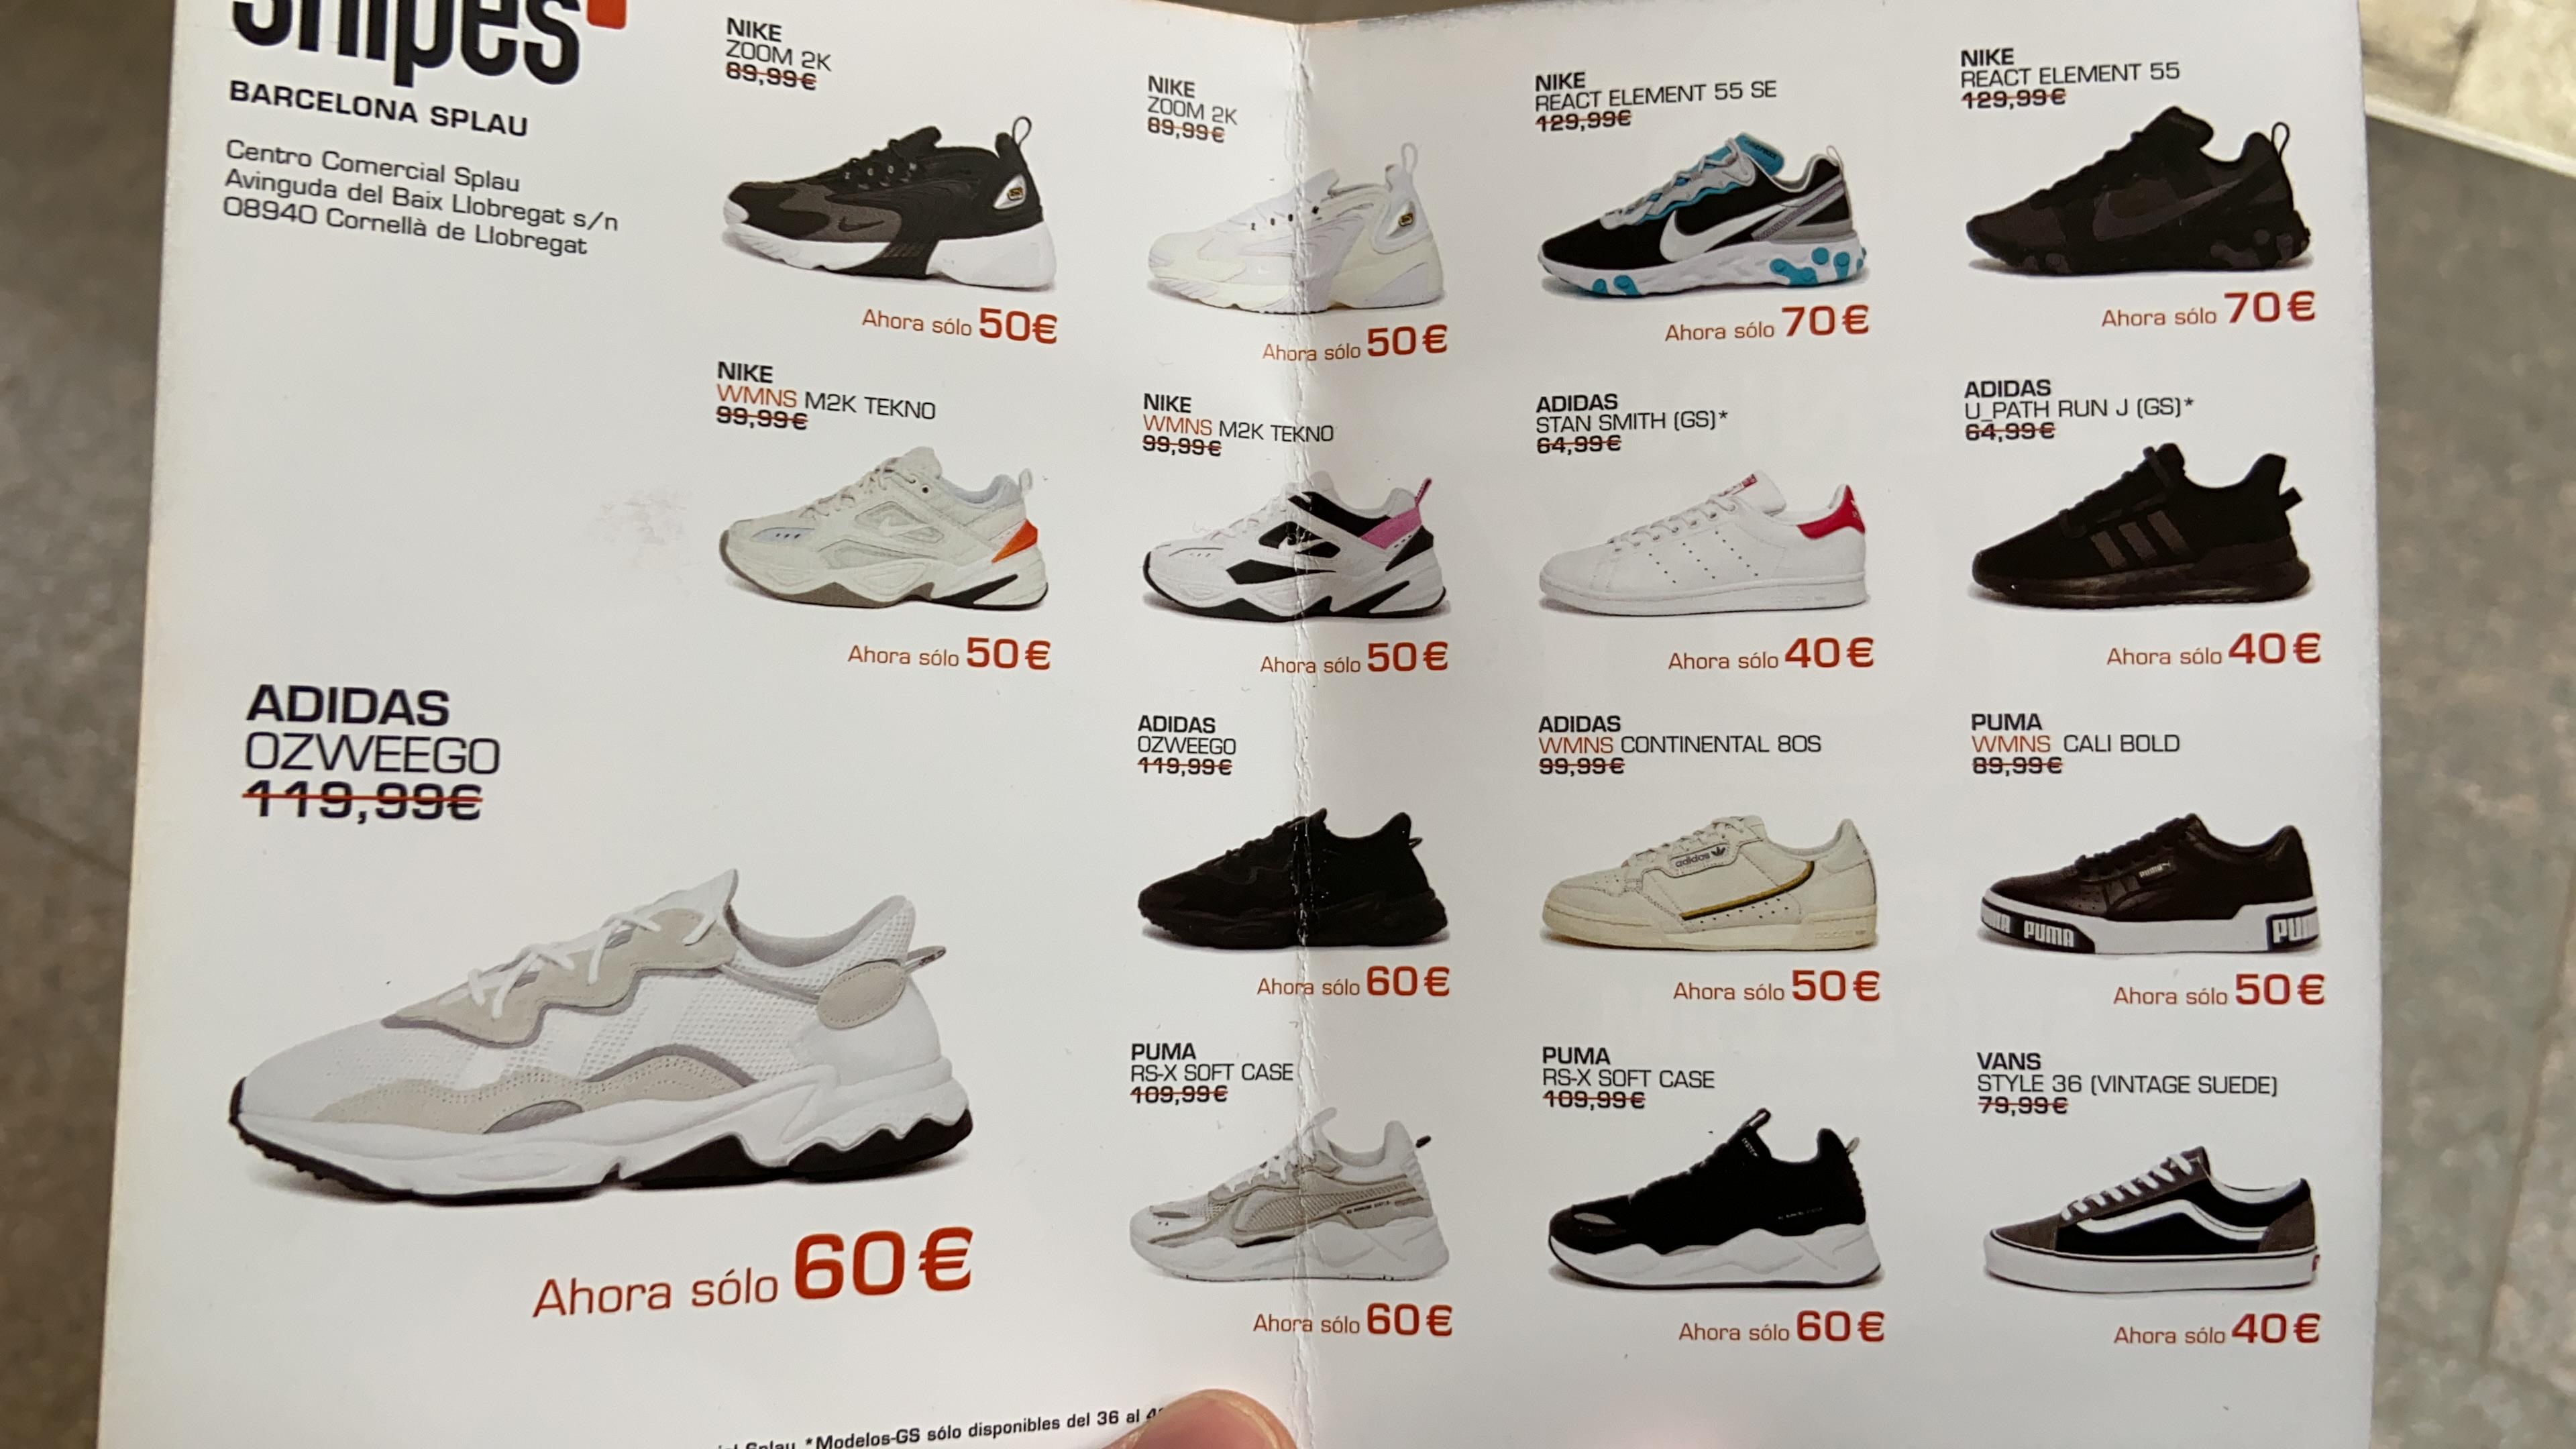 Zapatillas en oferta: Apertura Snipes en C.C. Splau (Cornellà de Llobregat)